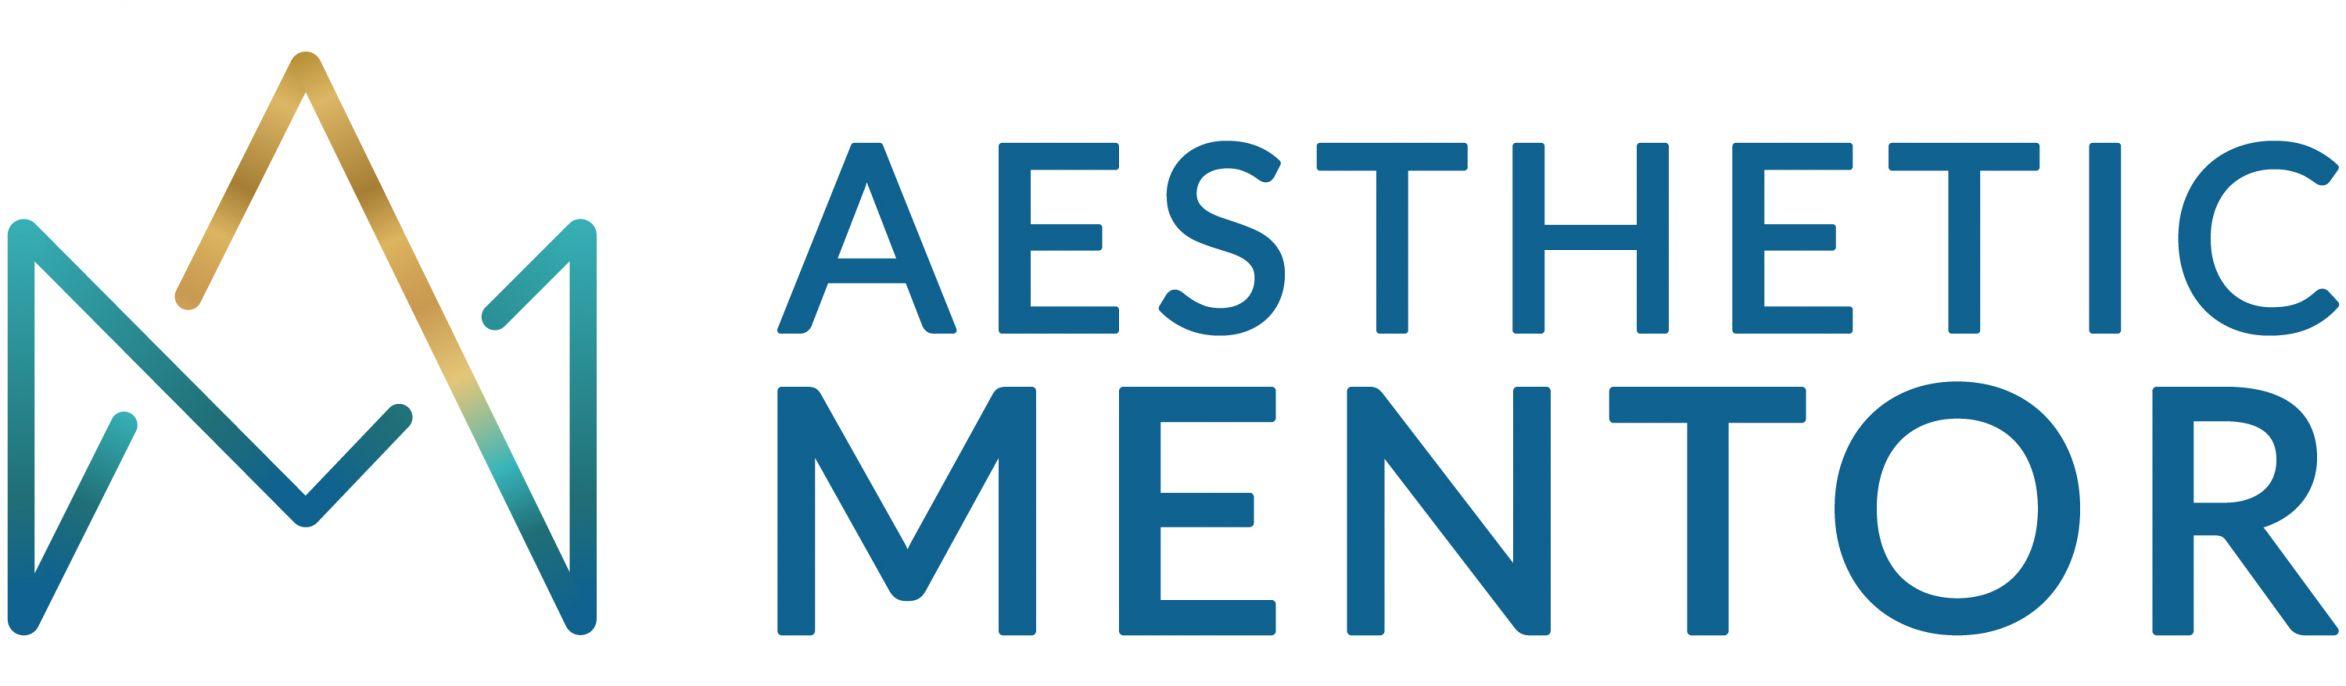 Aesthetic Mentor Logo